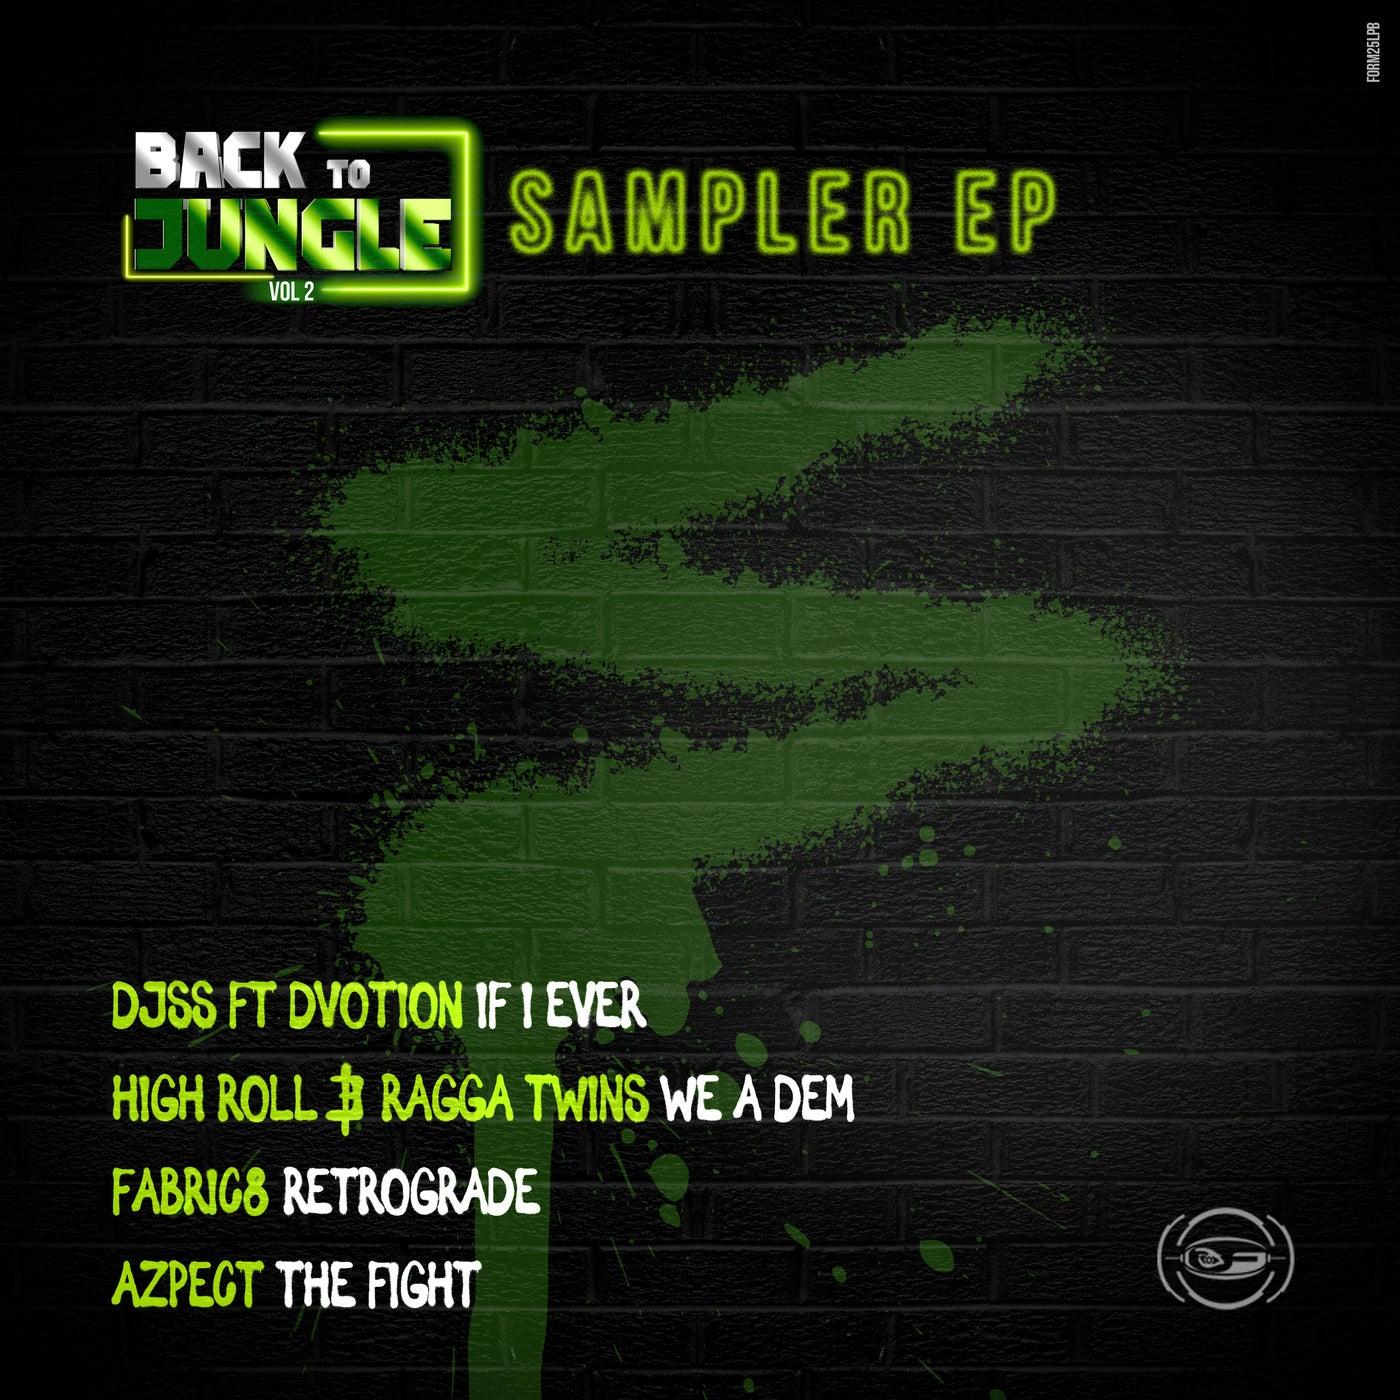 Back to Jungle, Vol. 2 EP (Sampler)